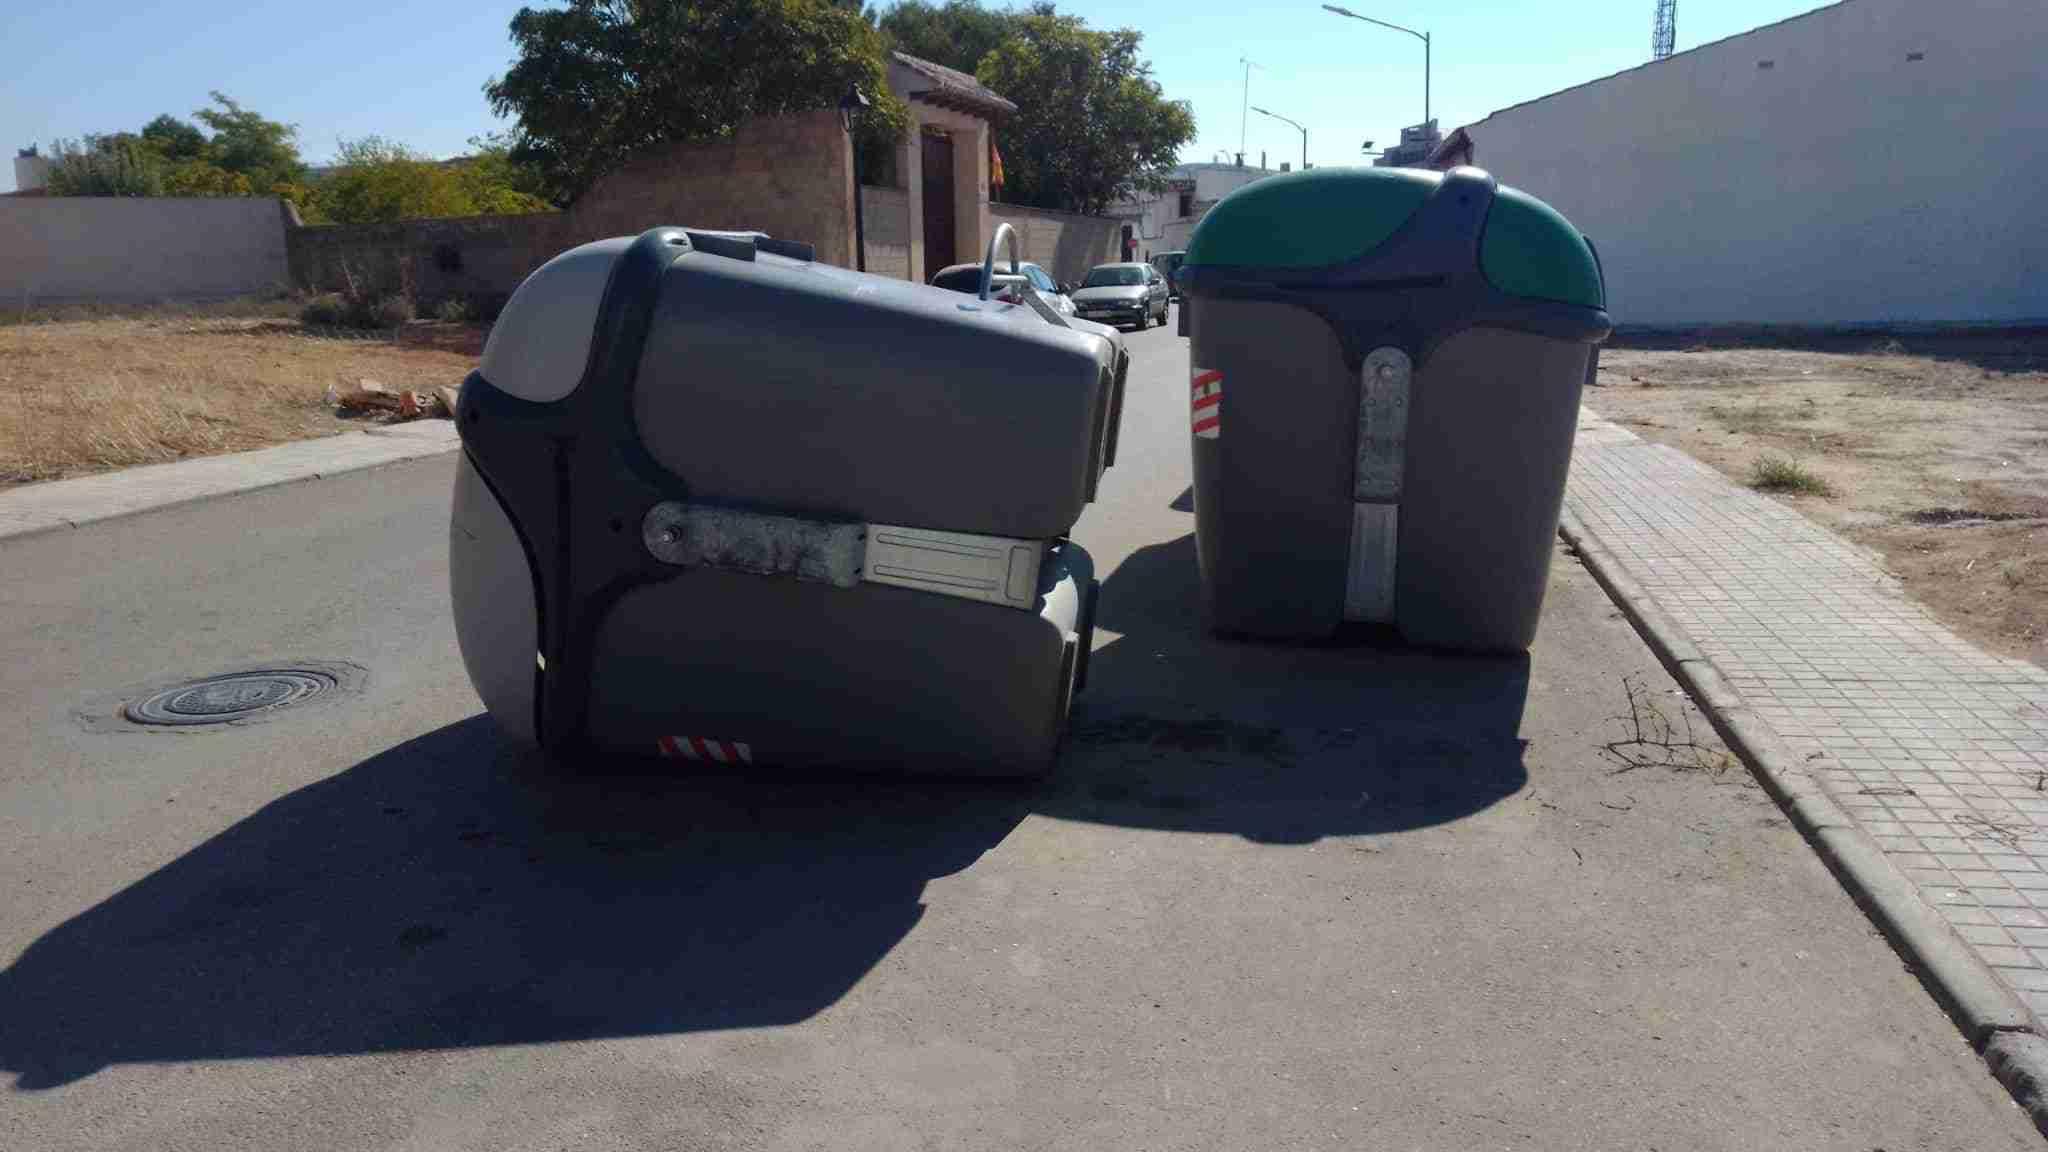 Ejemplos de cómo no utilizar un contenedor de basura 9